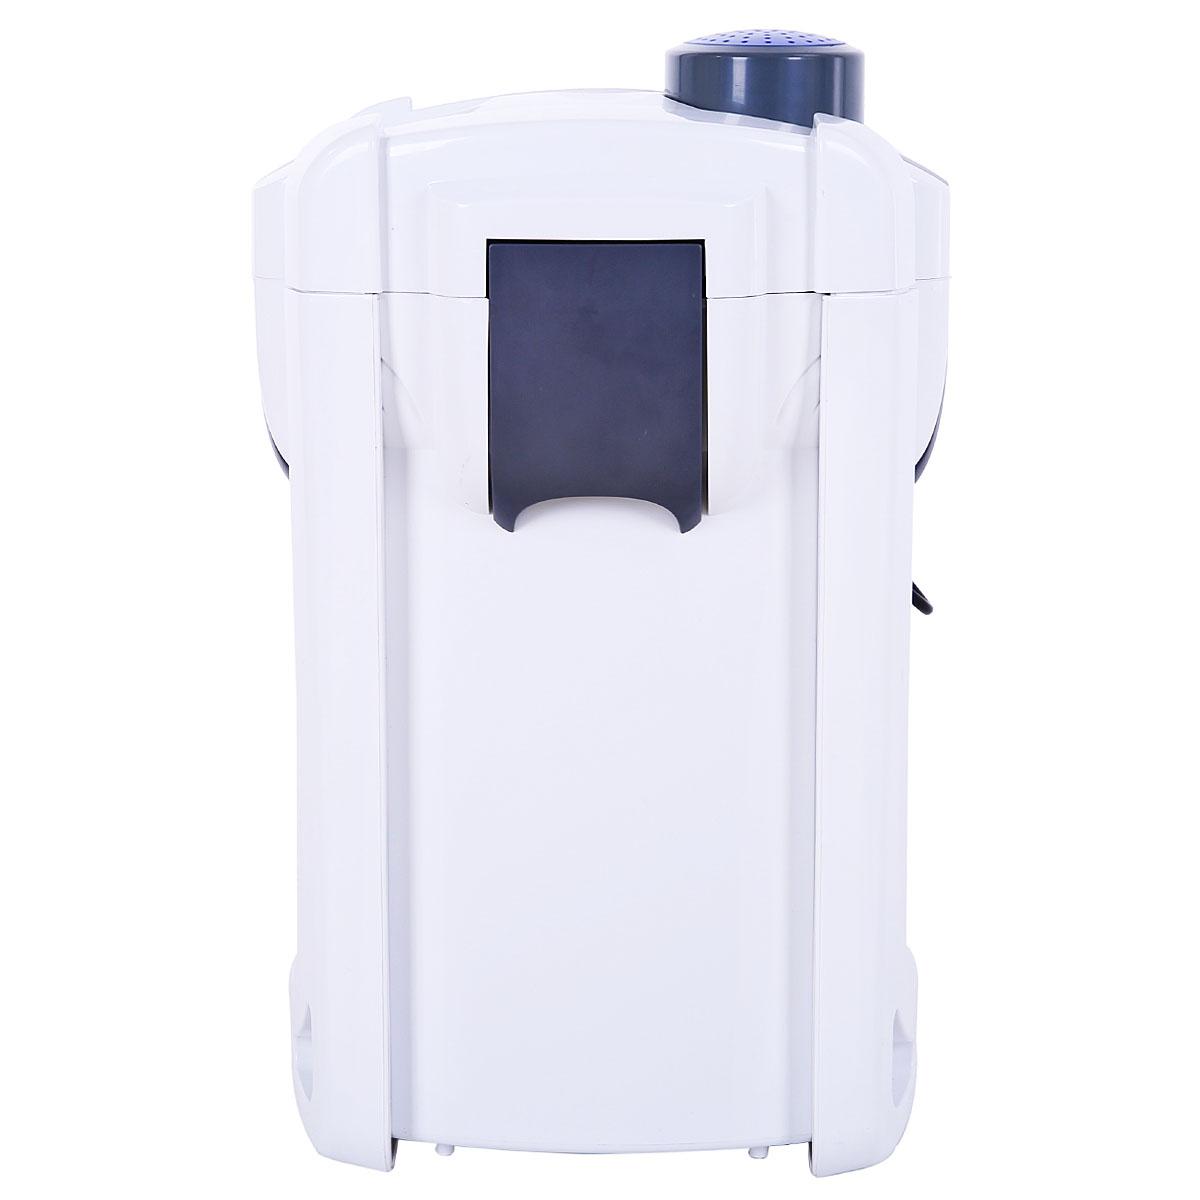 森森hw系列静音缸外过滤器鱼缸外置过滤桶水族箱过滤